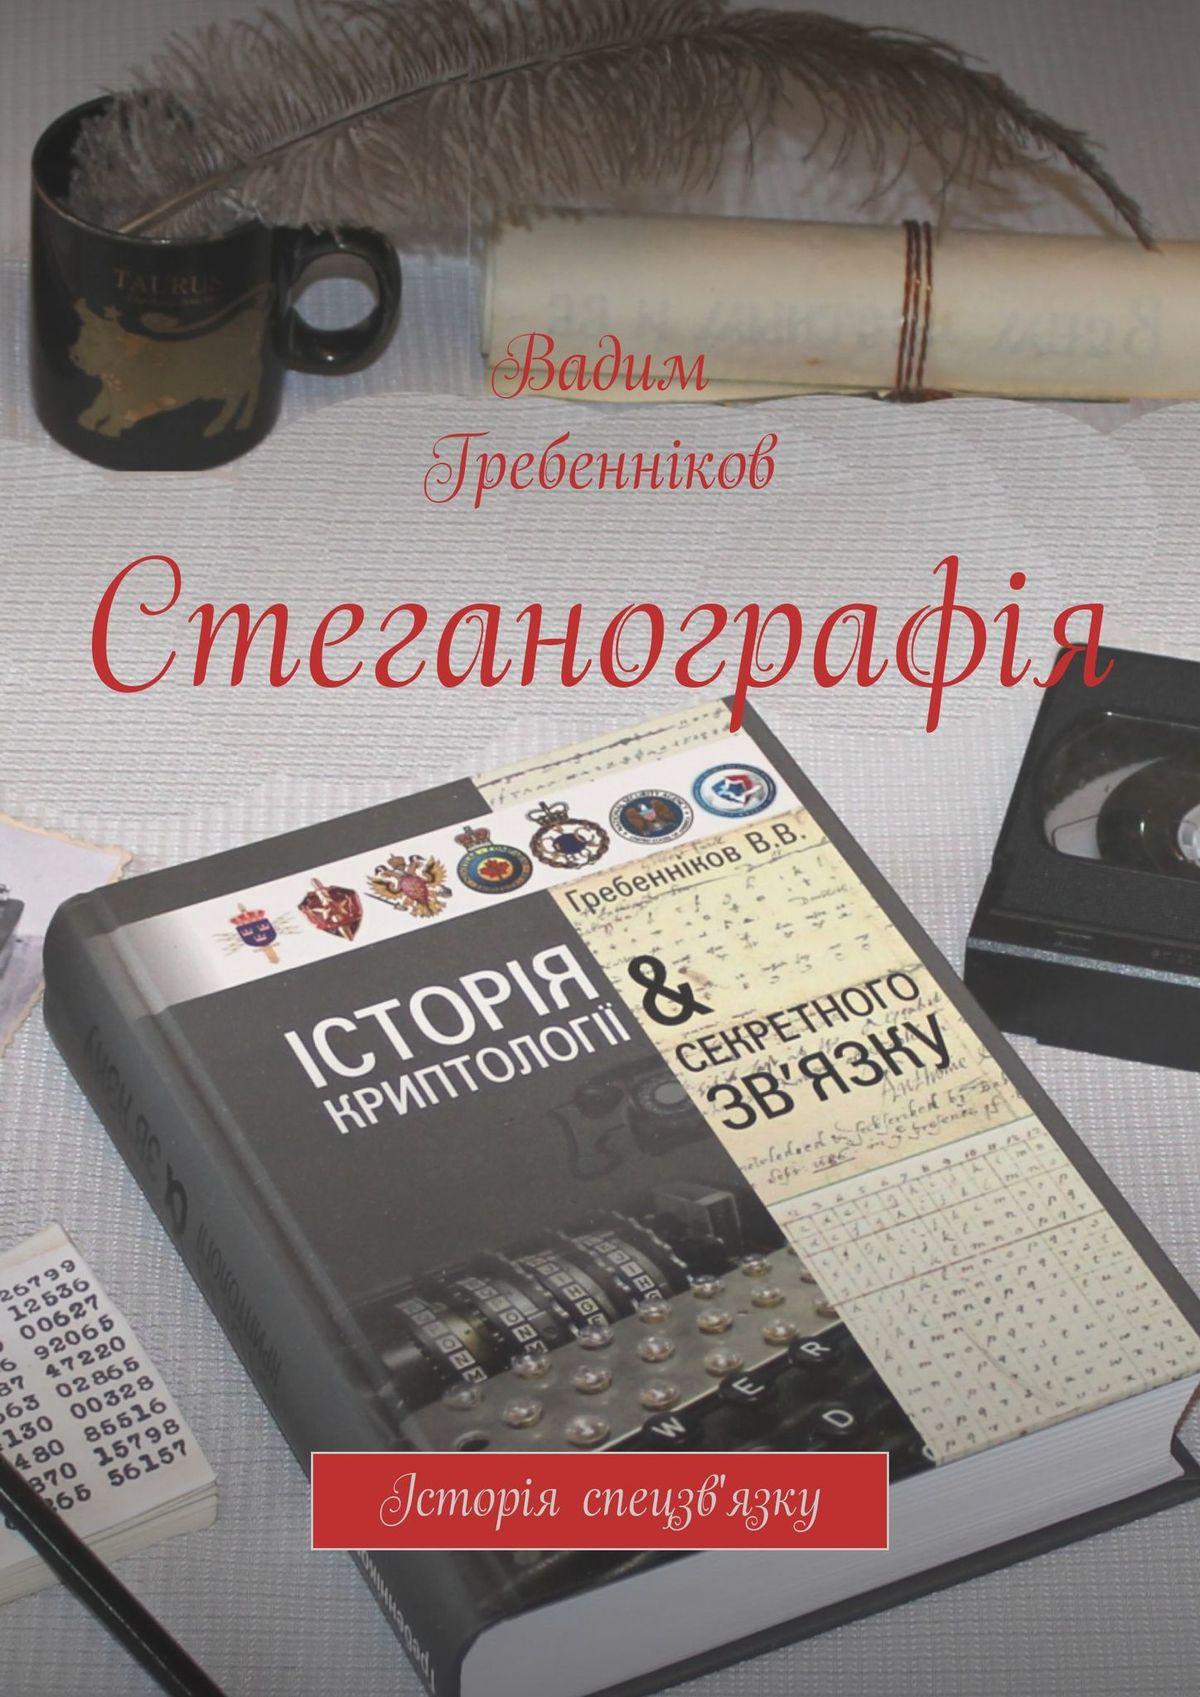 Стеганографія. Історія спецзв'язку